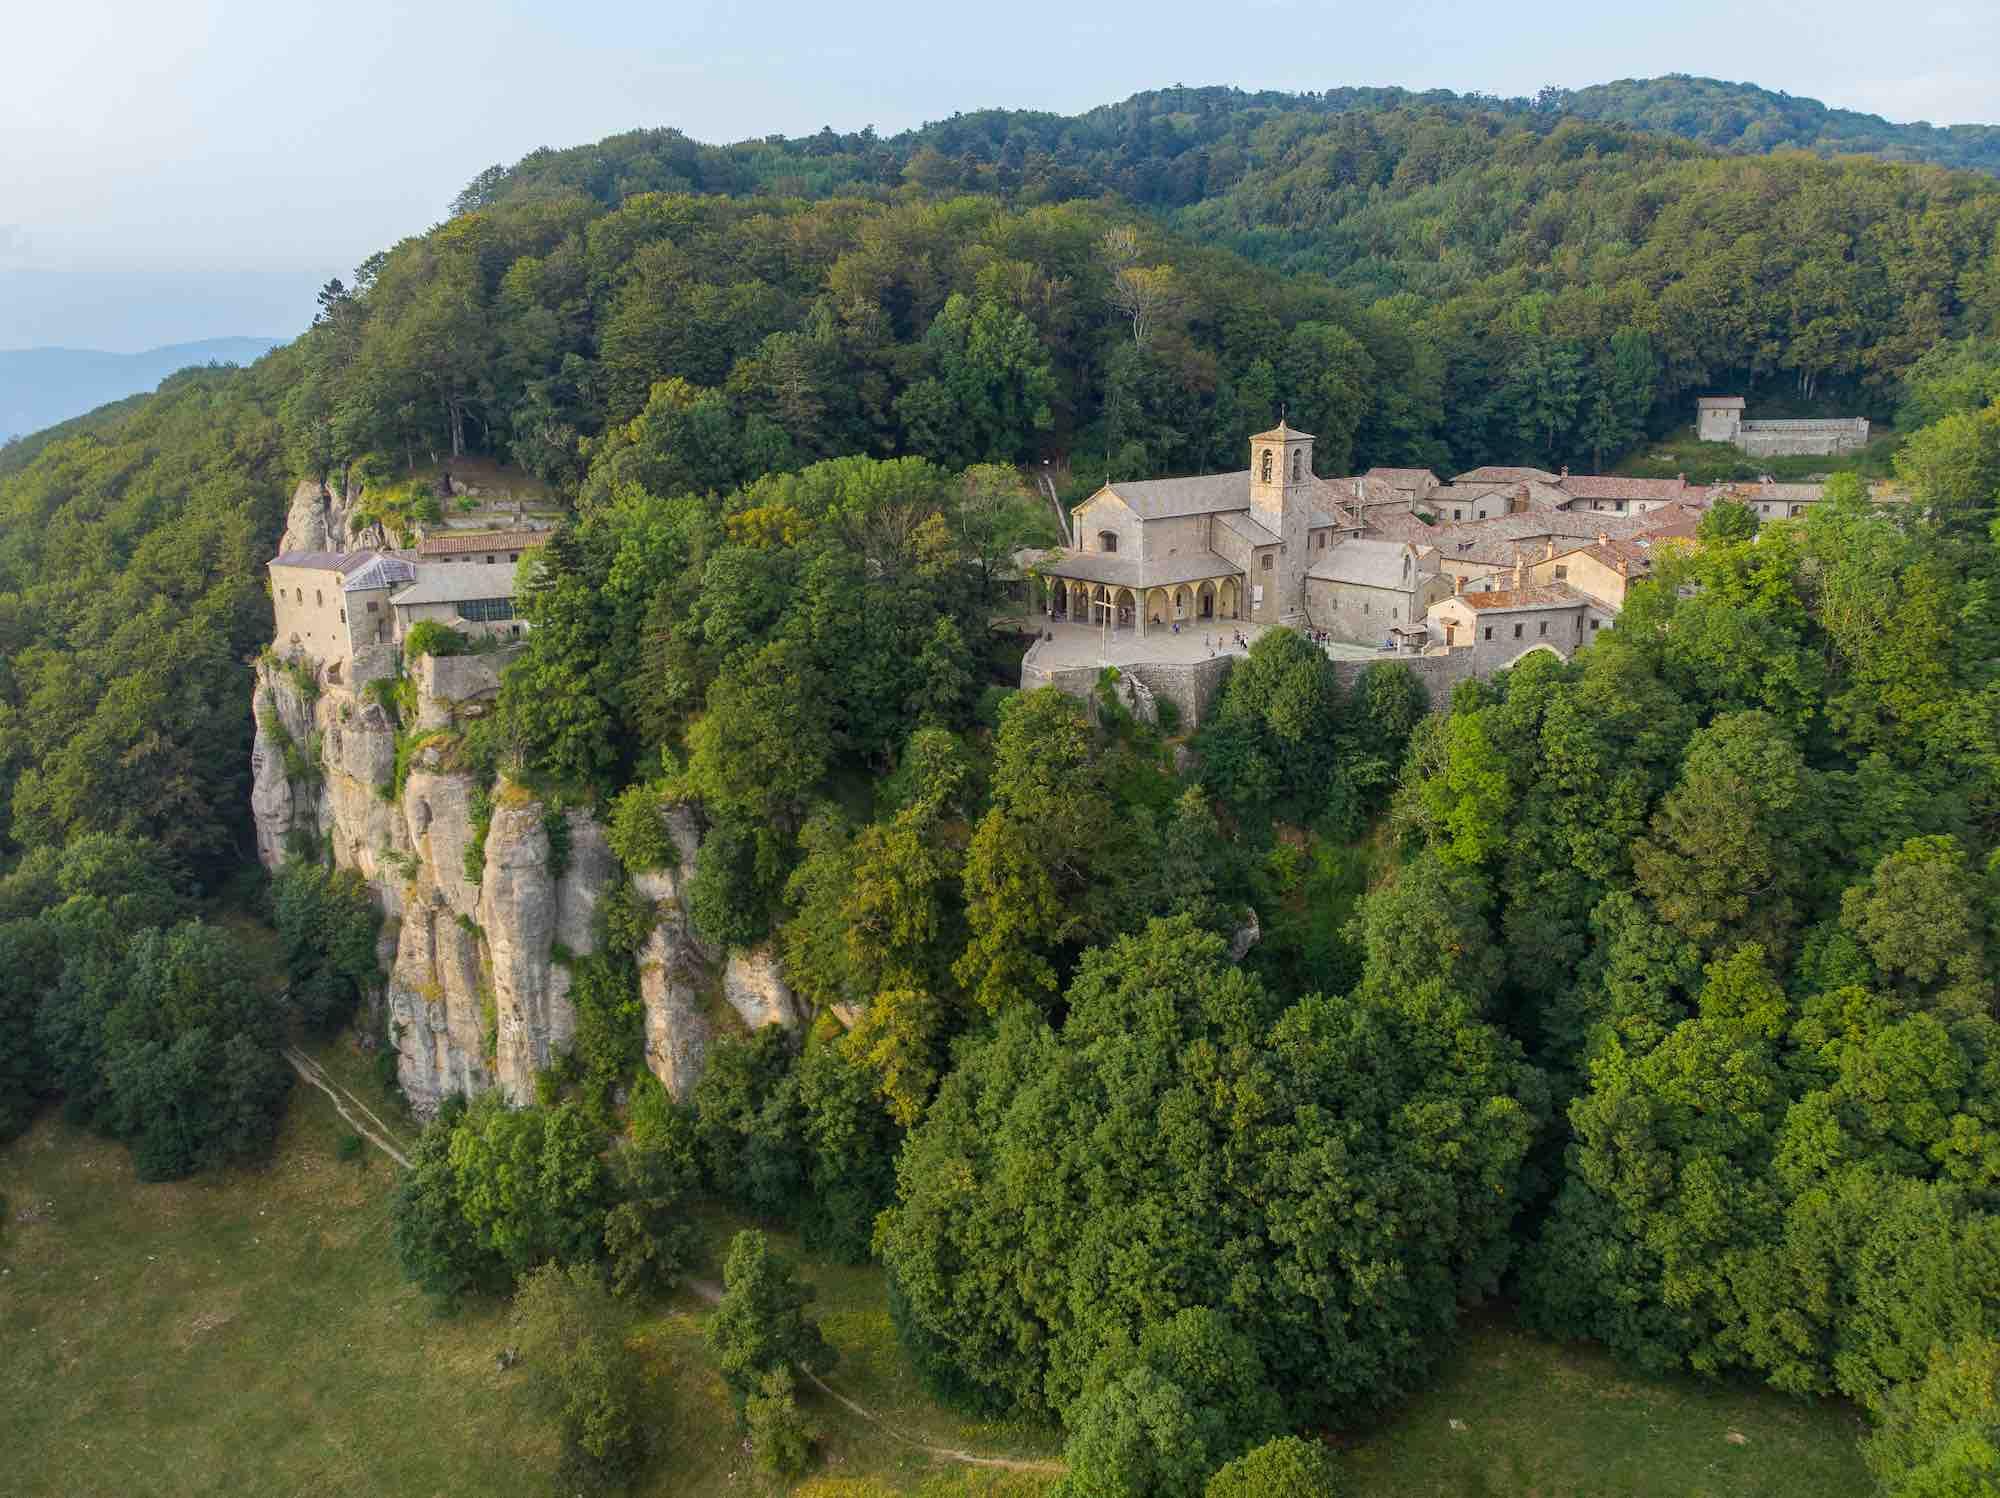 Il Santuario de La Verna nelle Foreste Casentinesi in Toscana